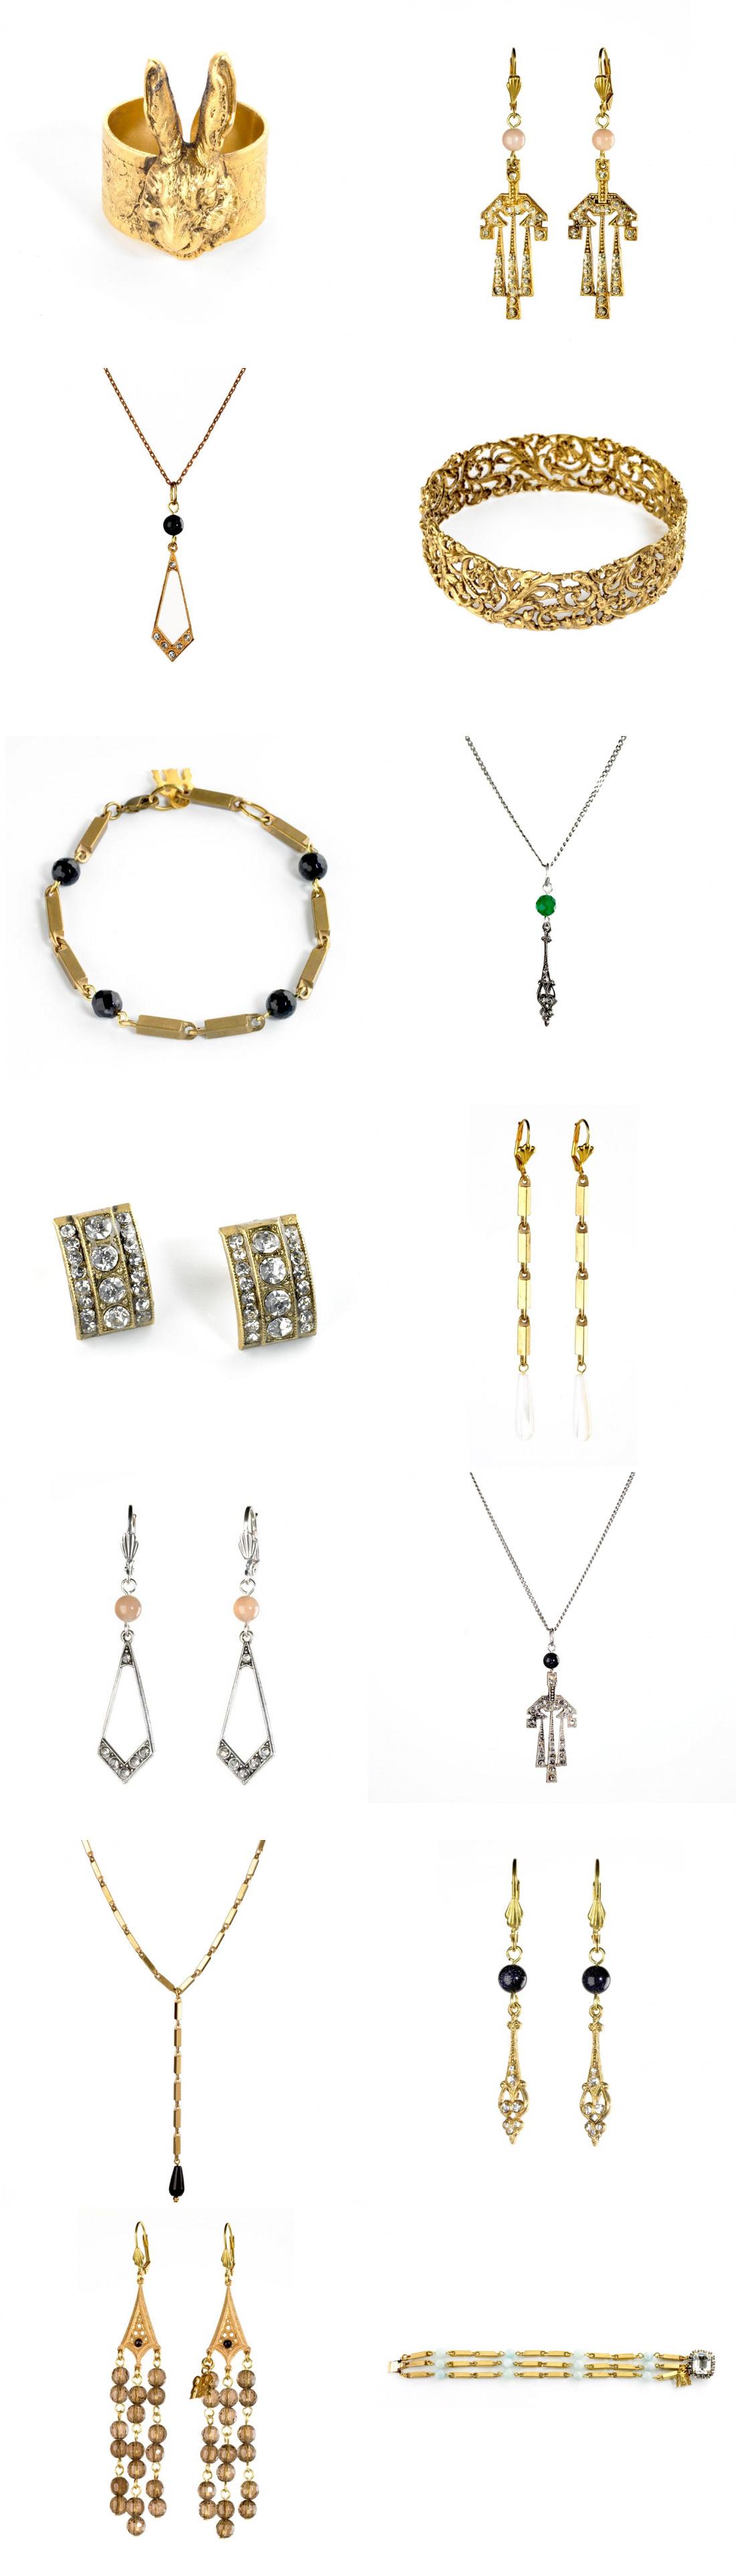 Anna-Rivka-bijoux-soldes-juin-2013